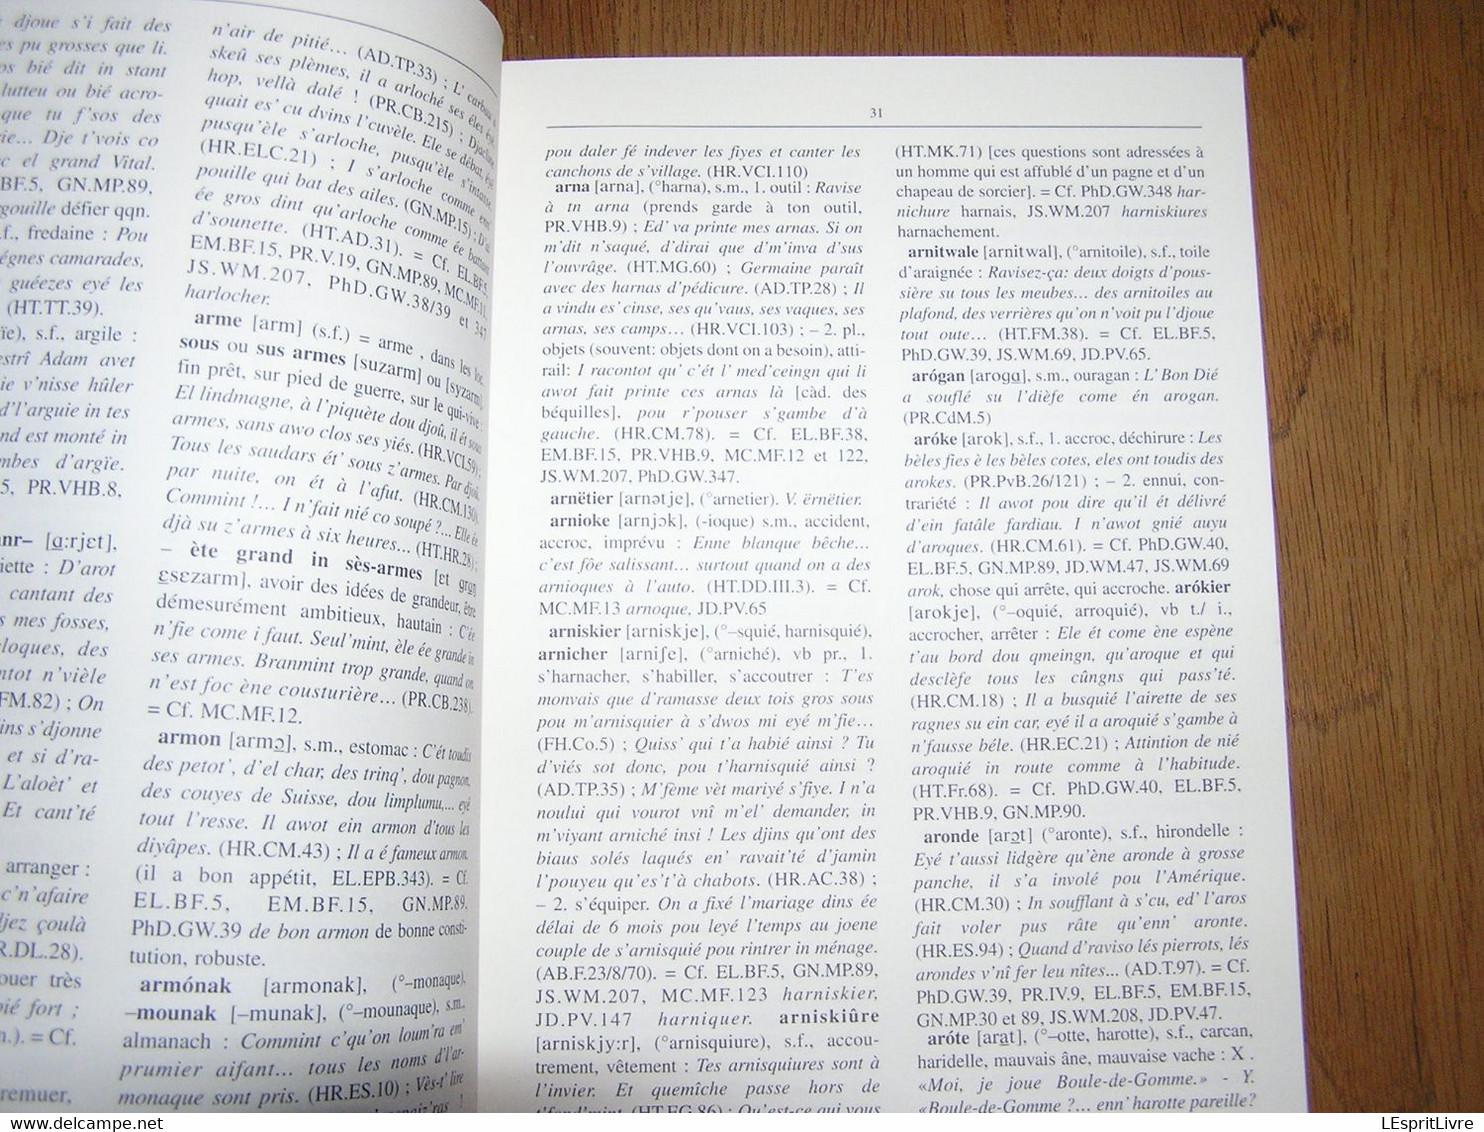 ESSAI D'ILLUSTRATION DU PARLER BORAIN Dictionnaire Capron Nisolle Régionalisme Hainaut Borinage Patois Dialecte Wallon - Bélgica